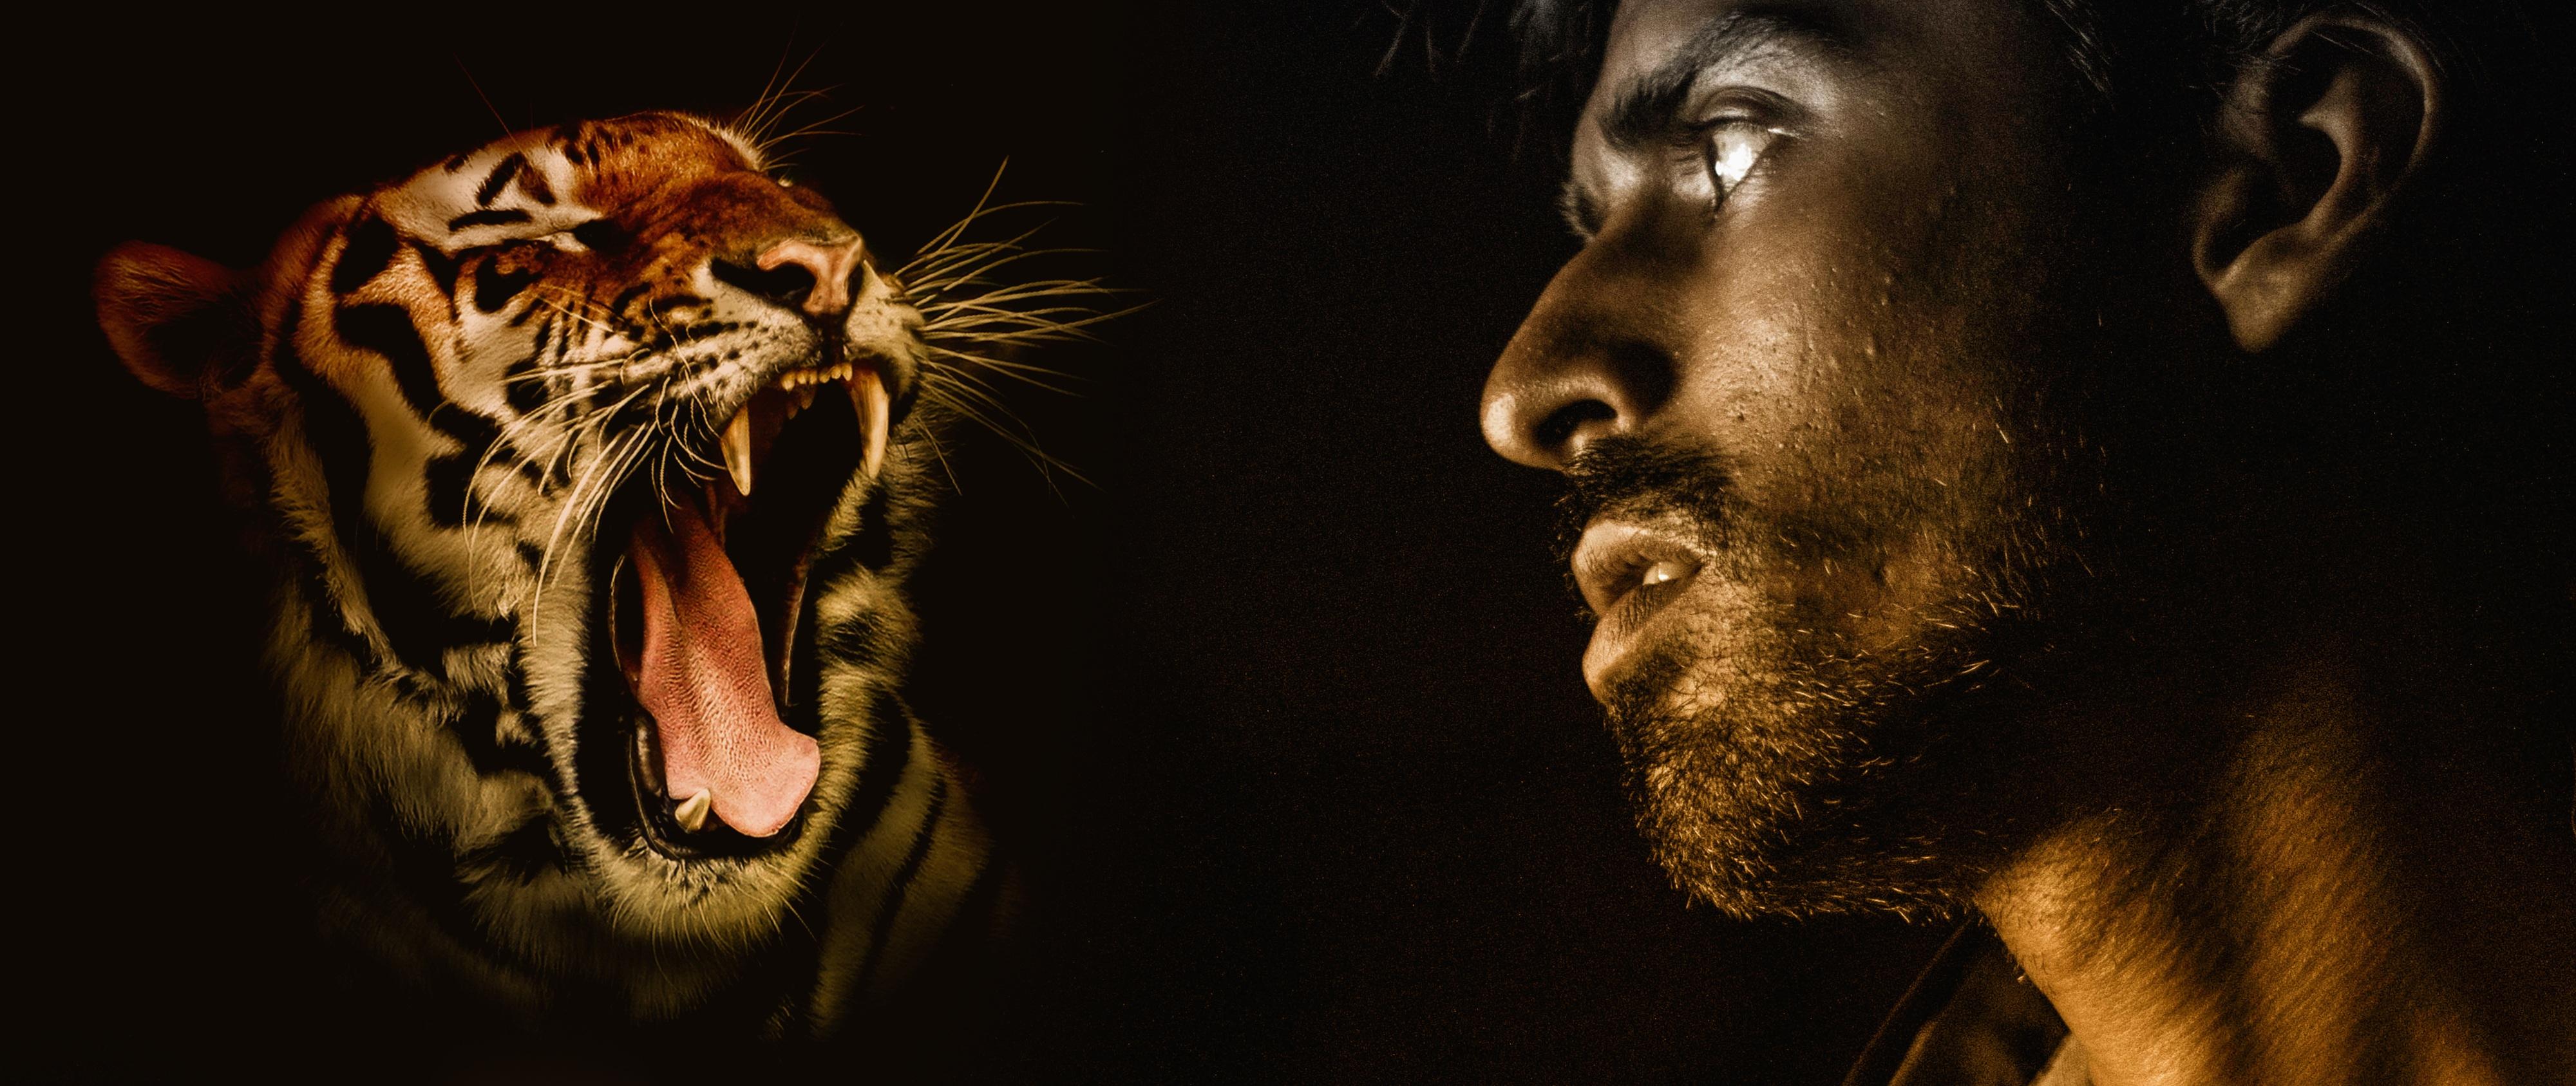 tiger_man.jpg